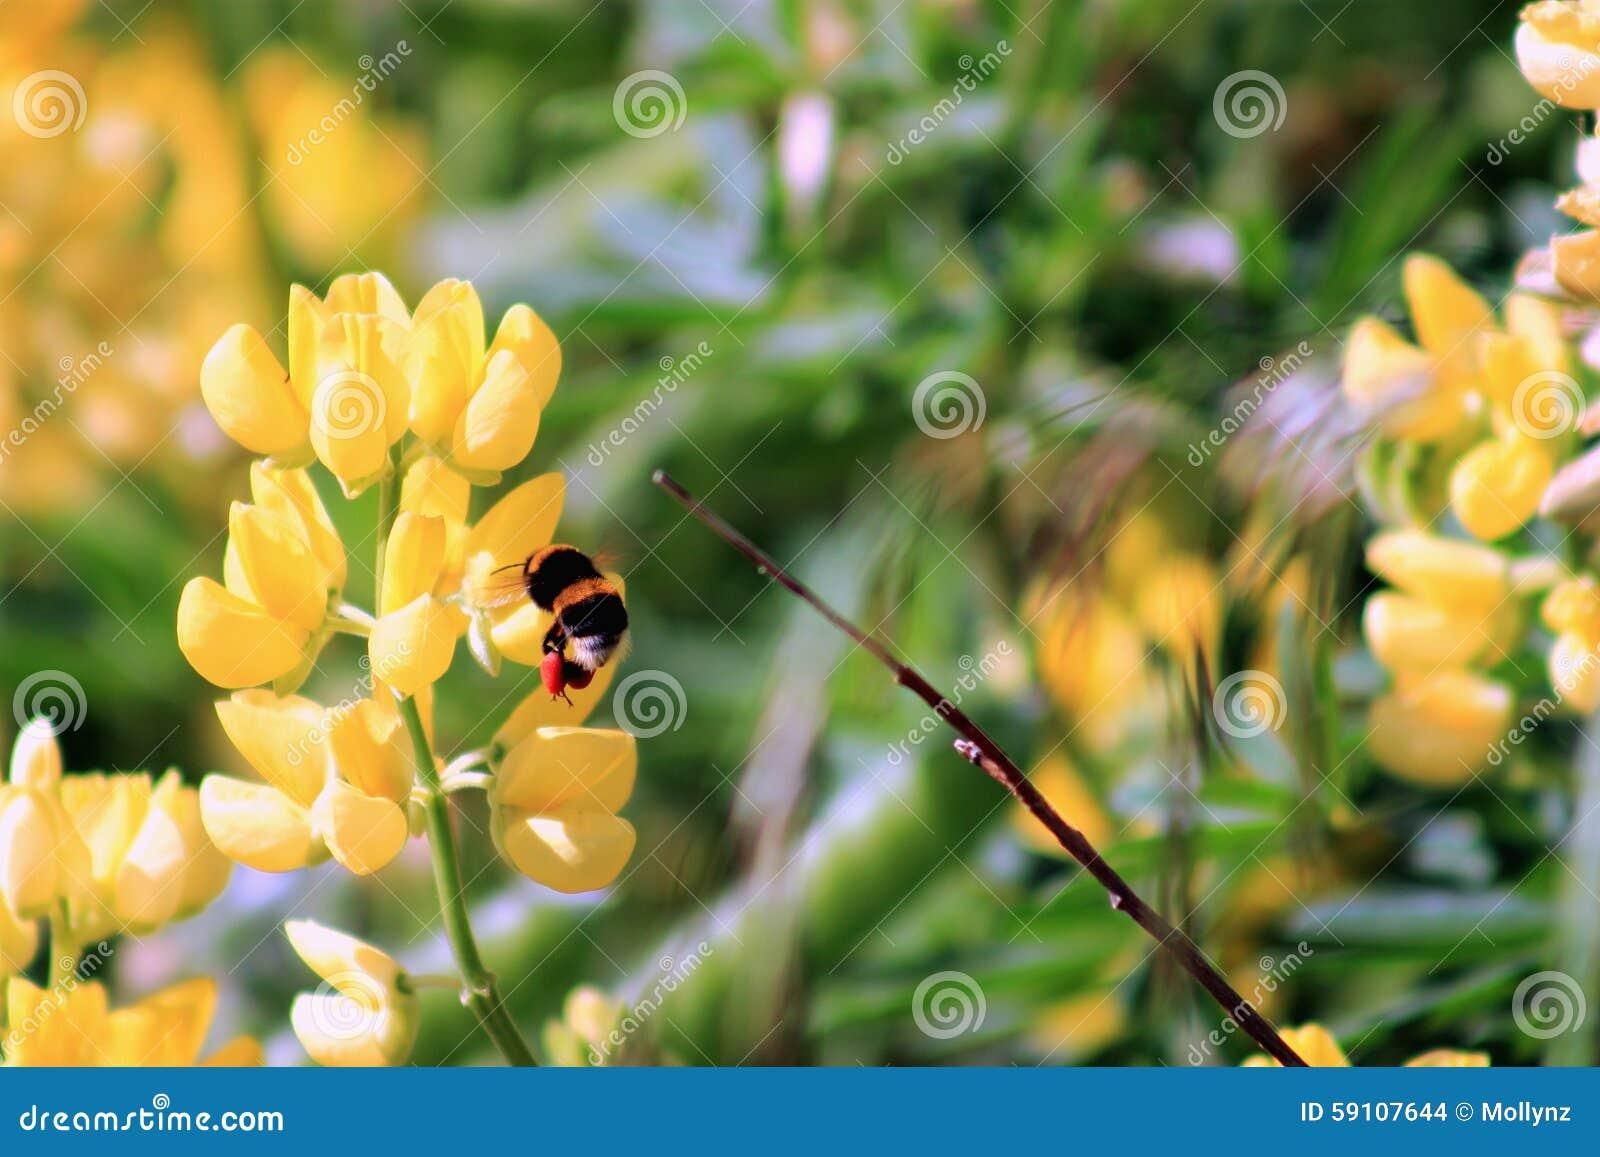 弄糟收获黄色羽扇豆花的蜂